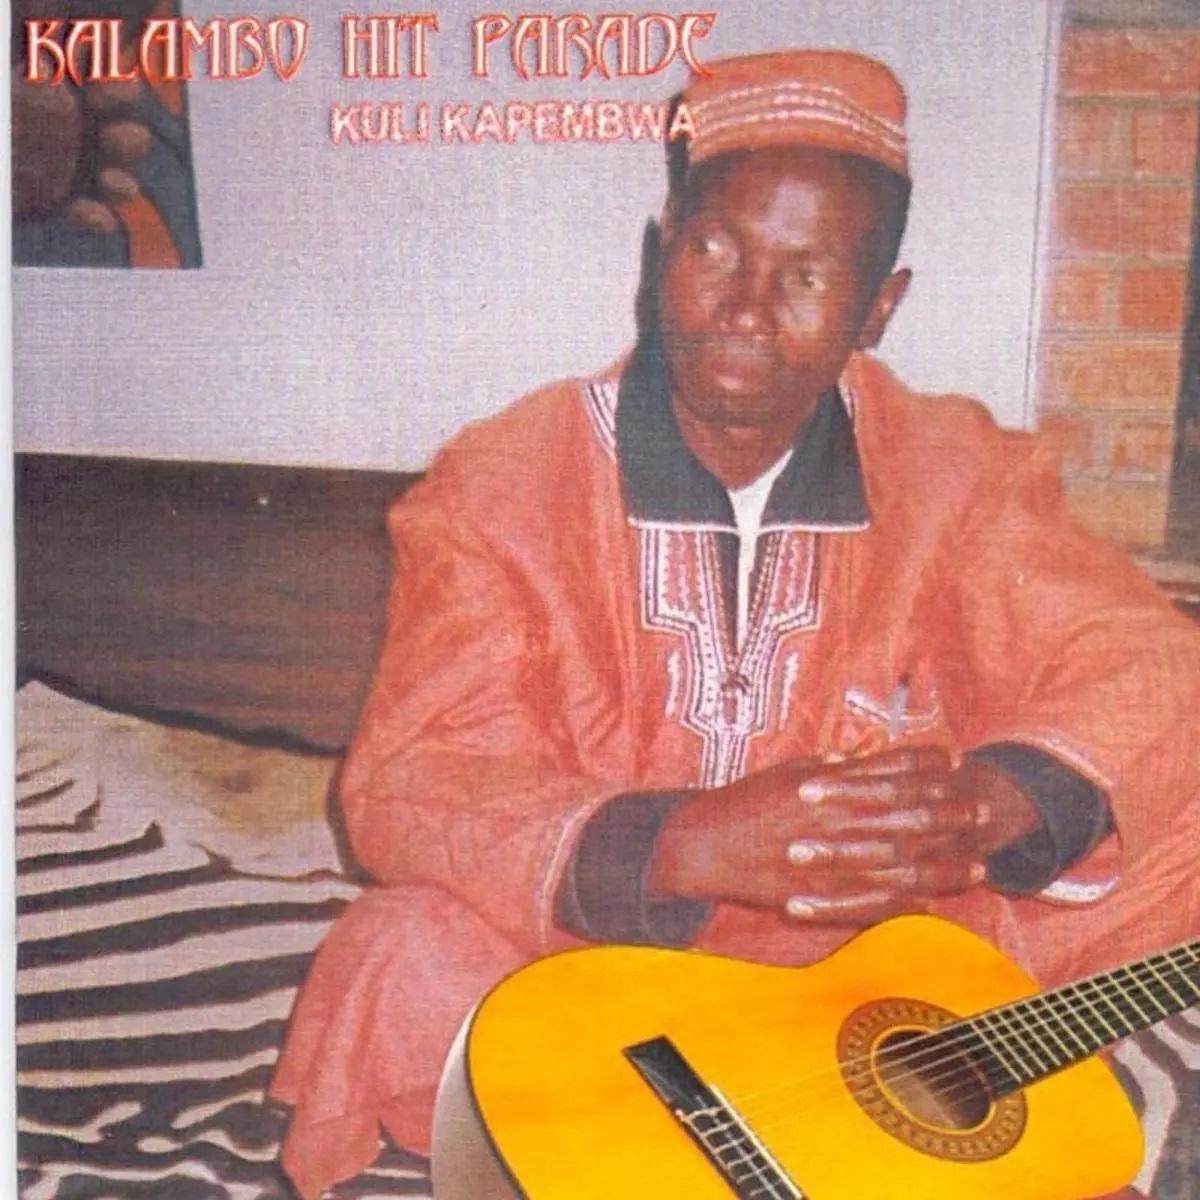 Kalambo Hit Parade